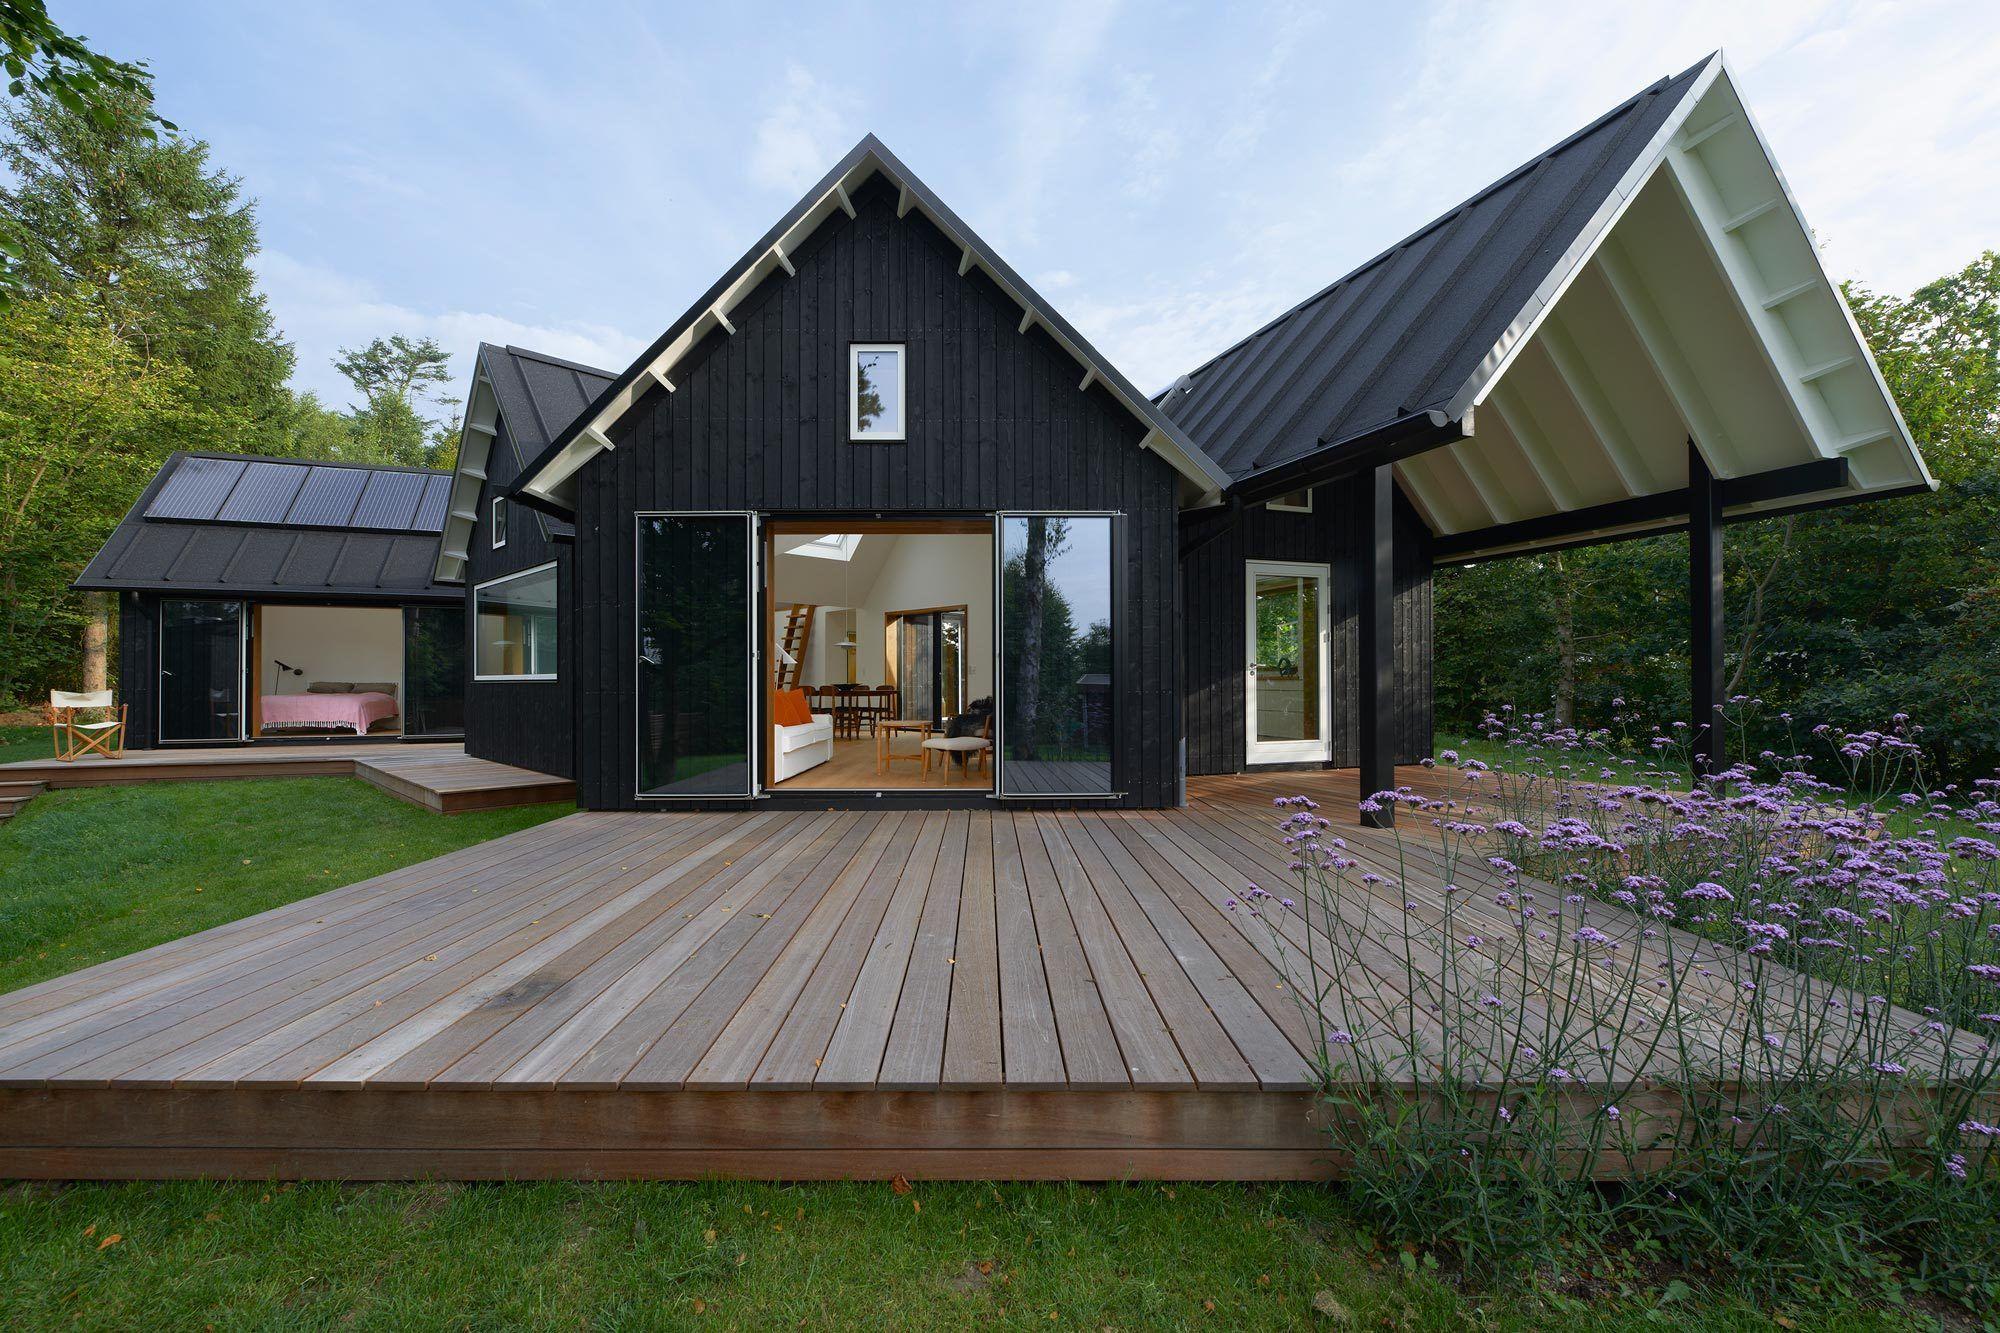 Das Ende des Sommers Ferienhaus in Dänemark Ferienhaus